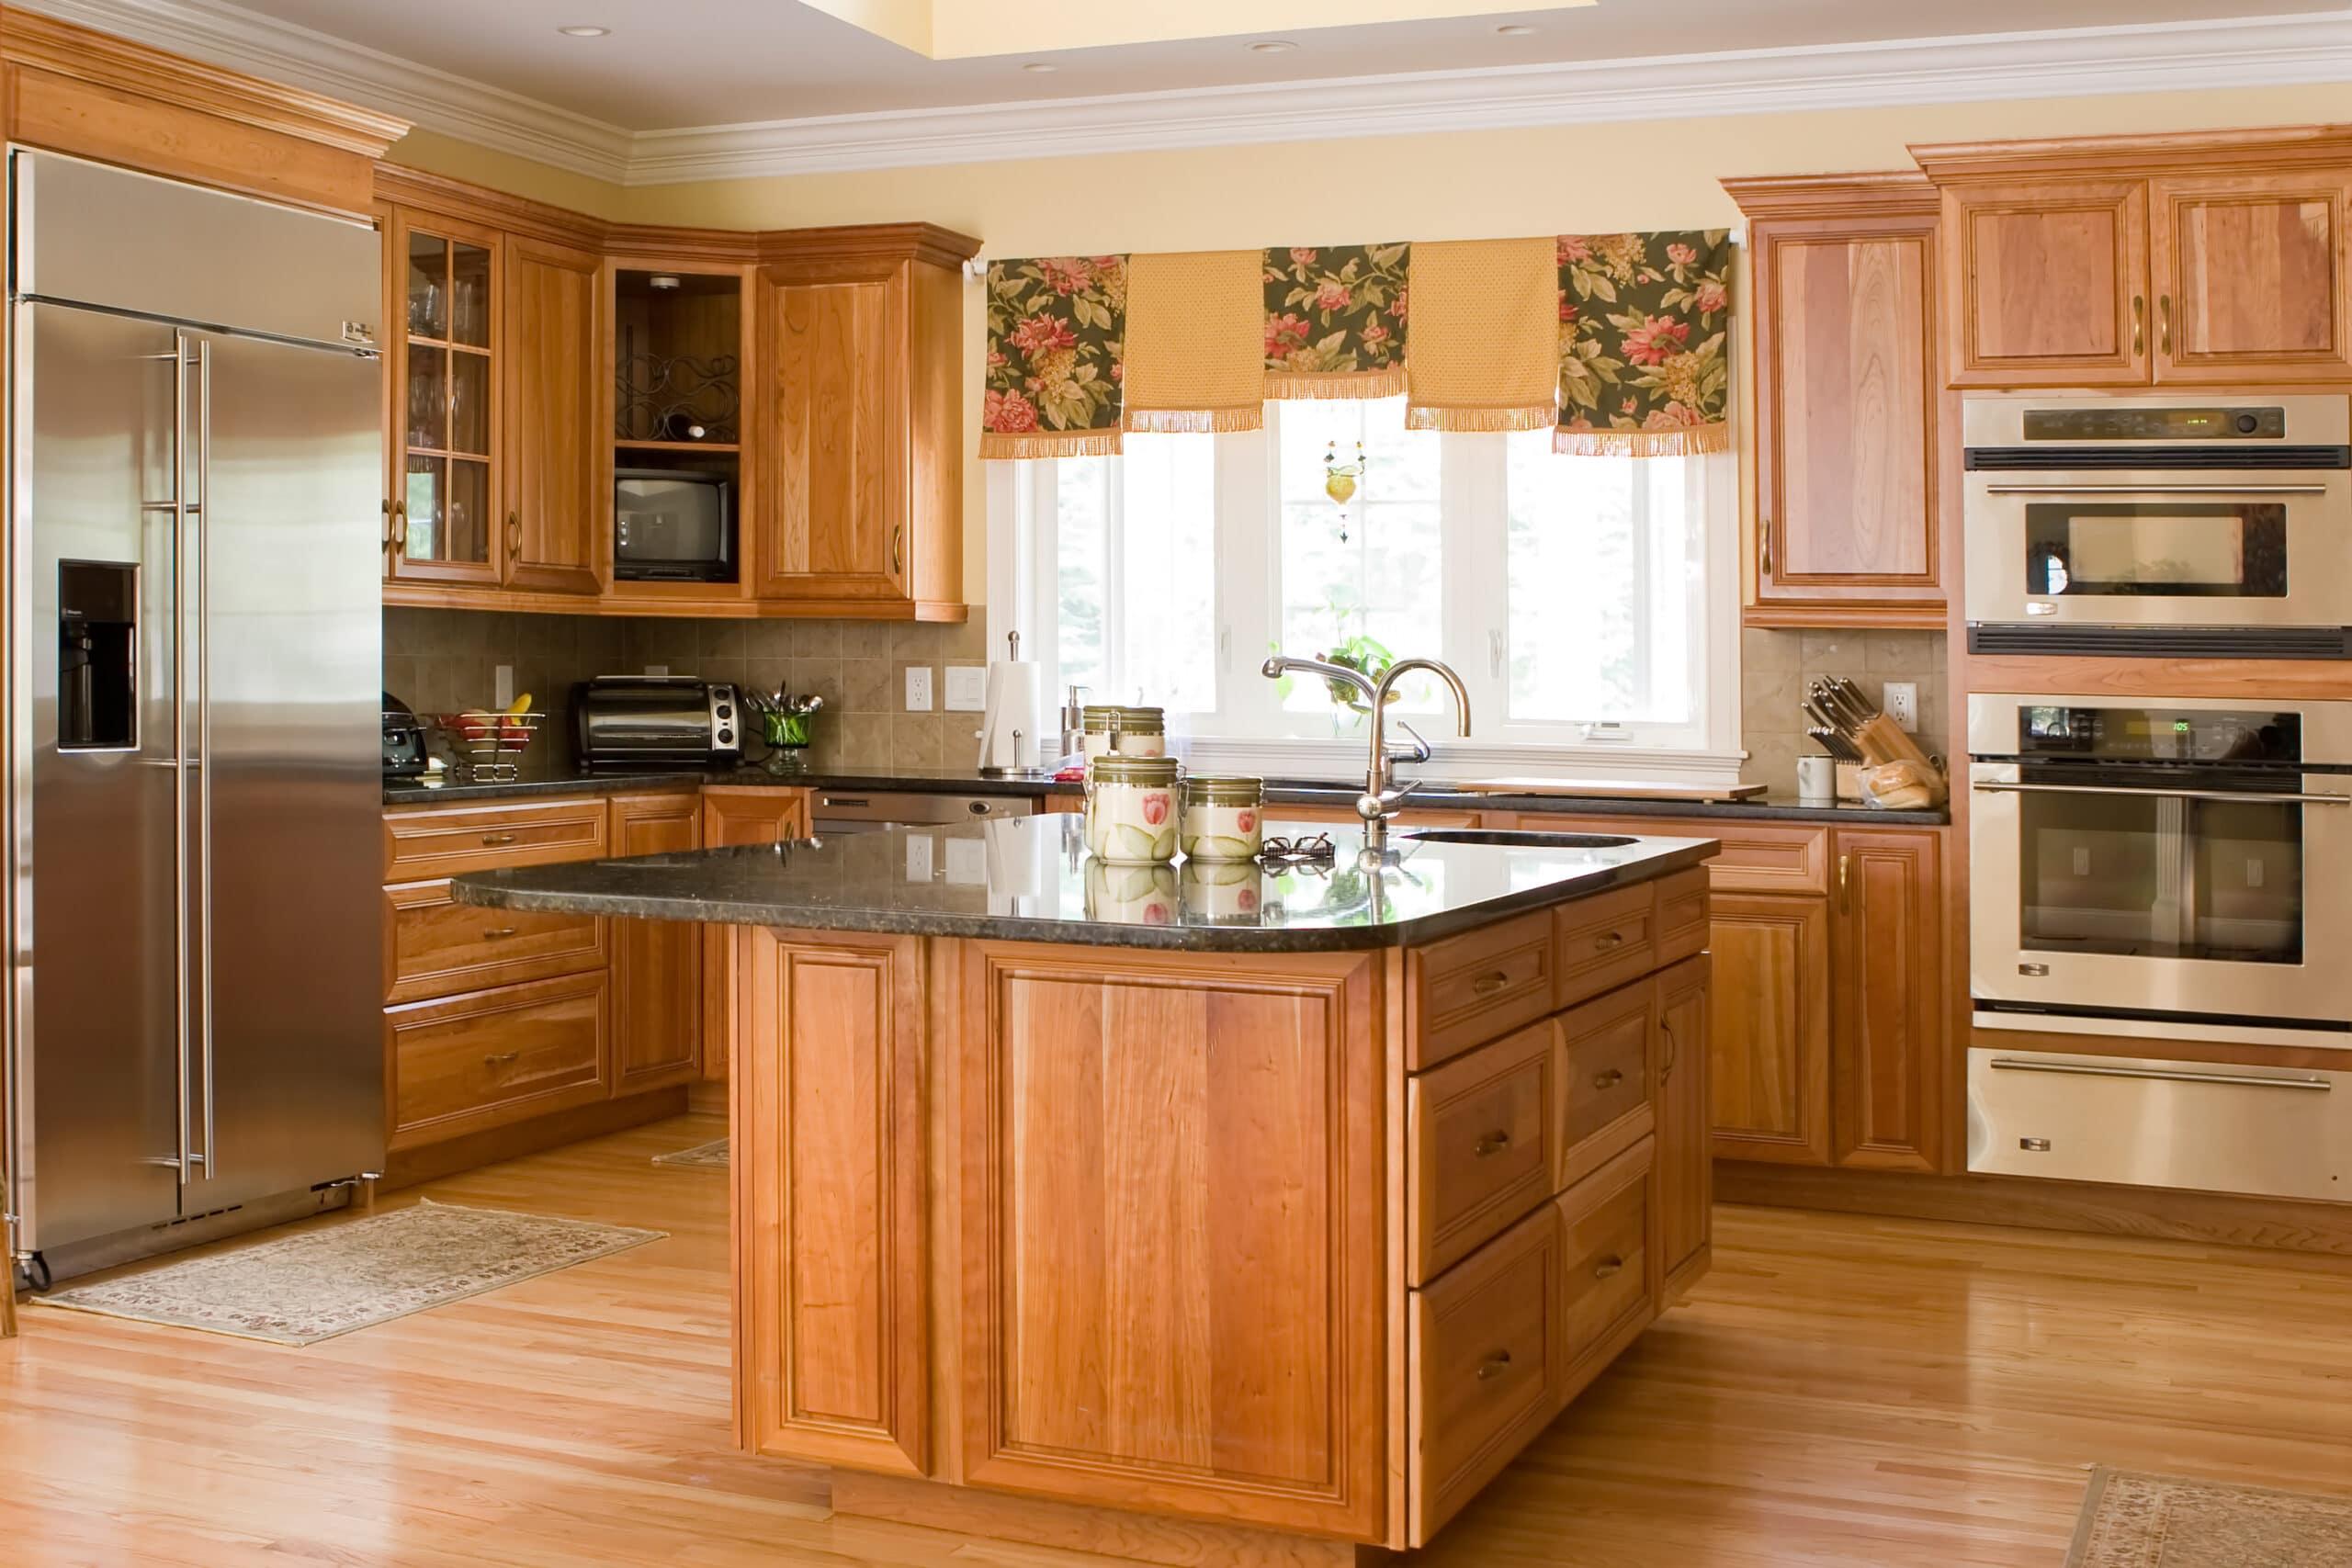 מטבח קלאסי עבודת יד מעץ דגם 2 Diana